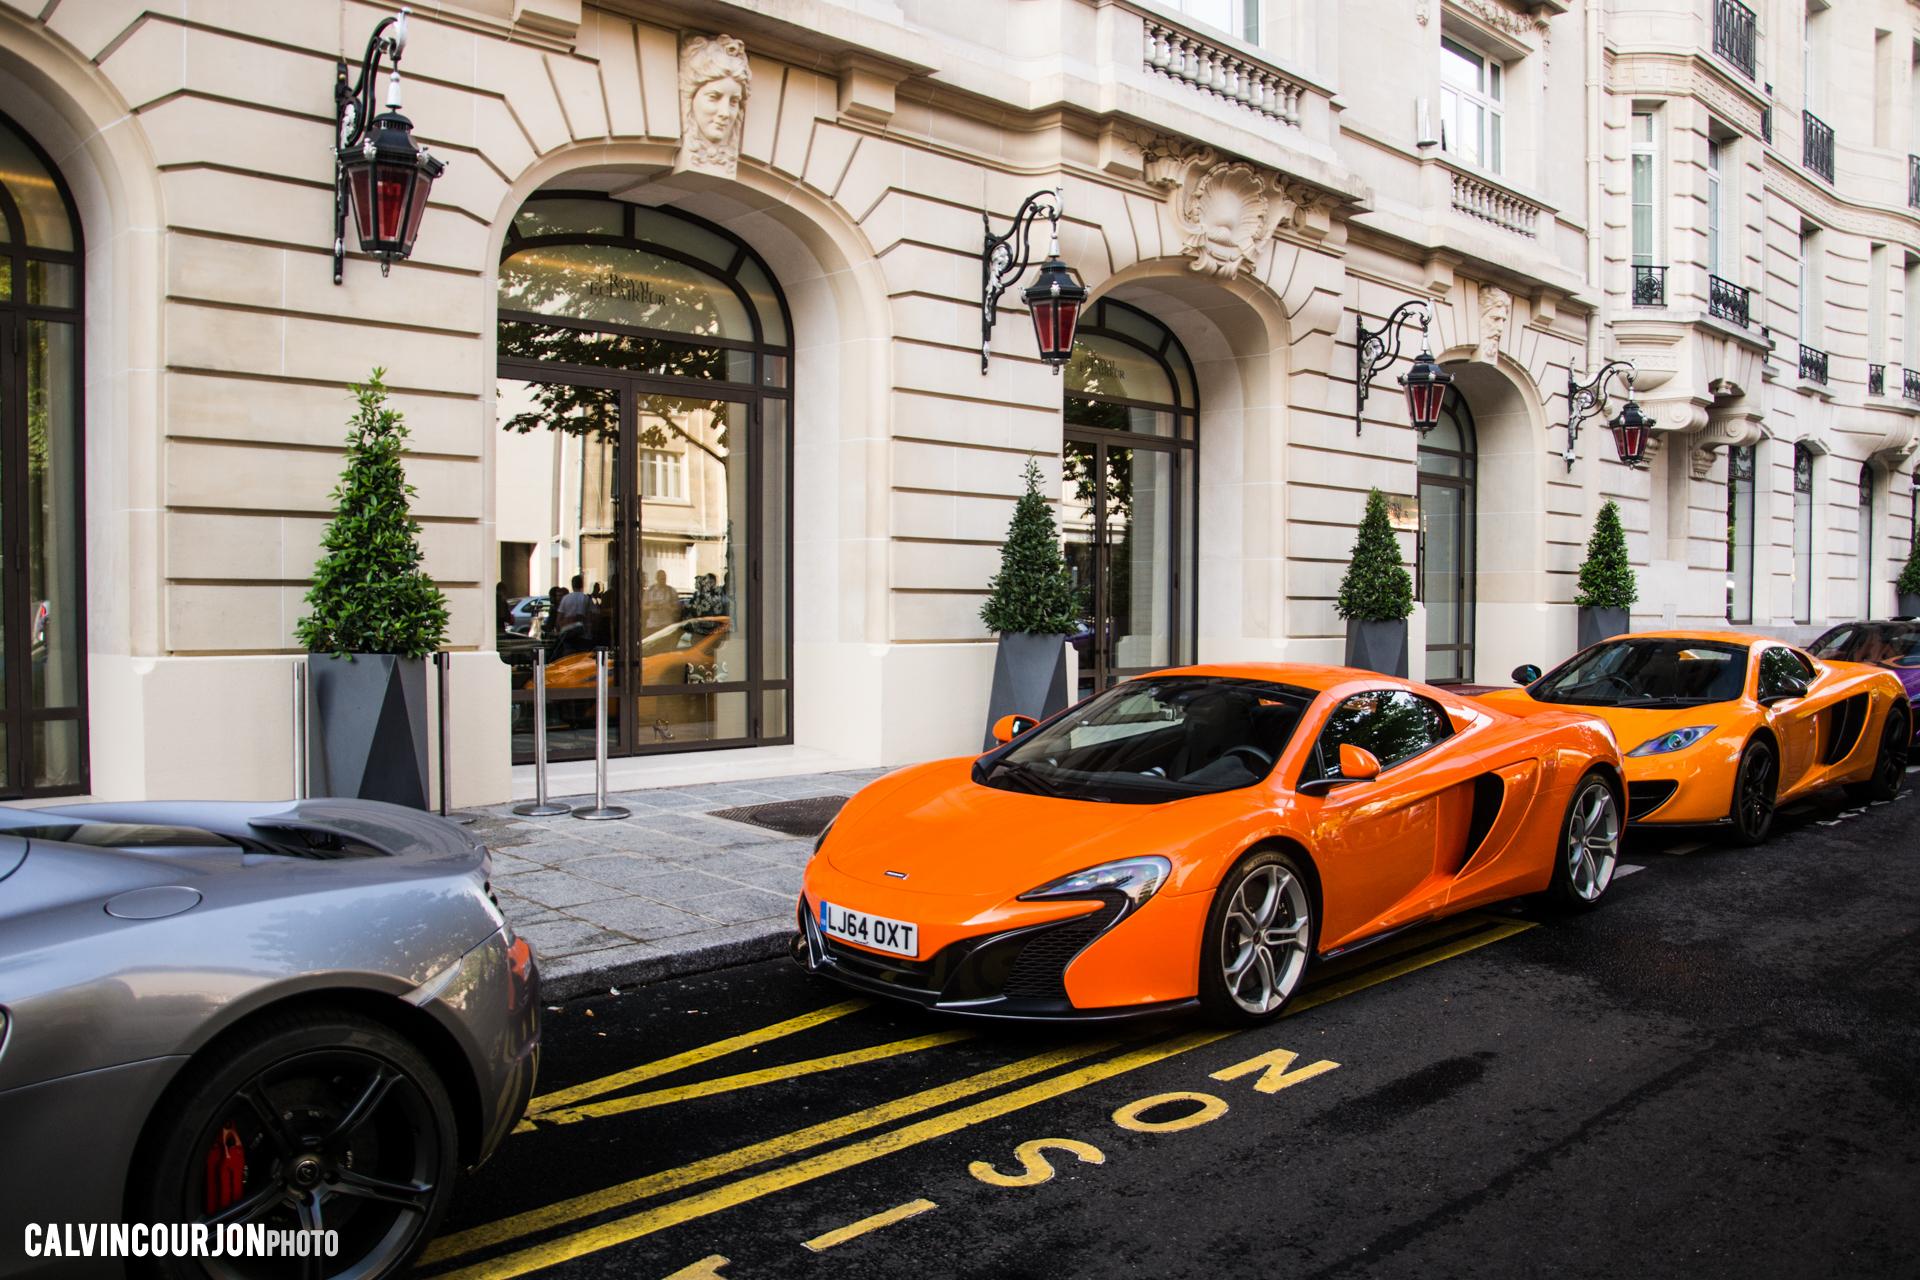 McLaren 650S (Orange) - 2015 - photo Calvin Courjon